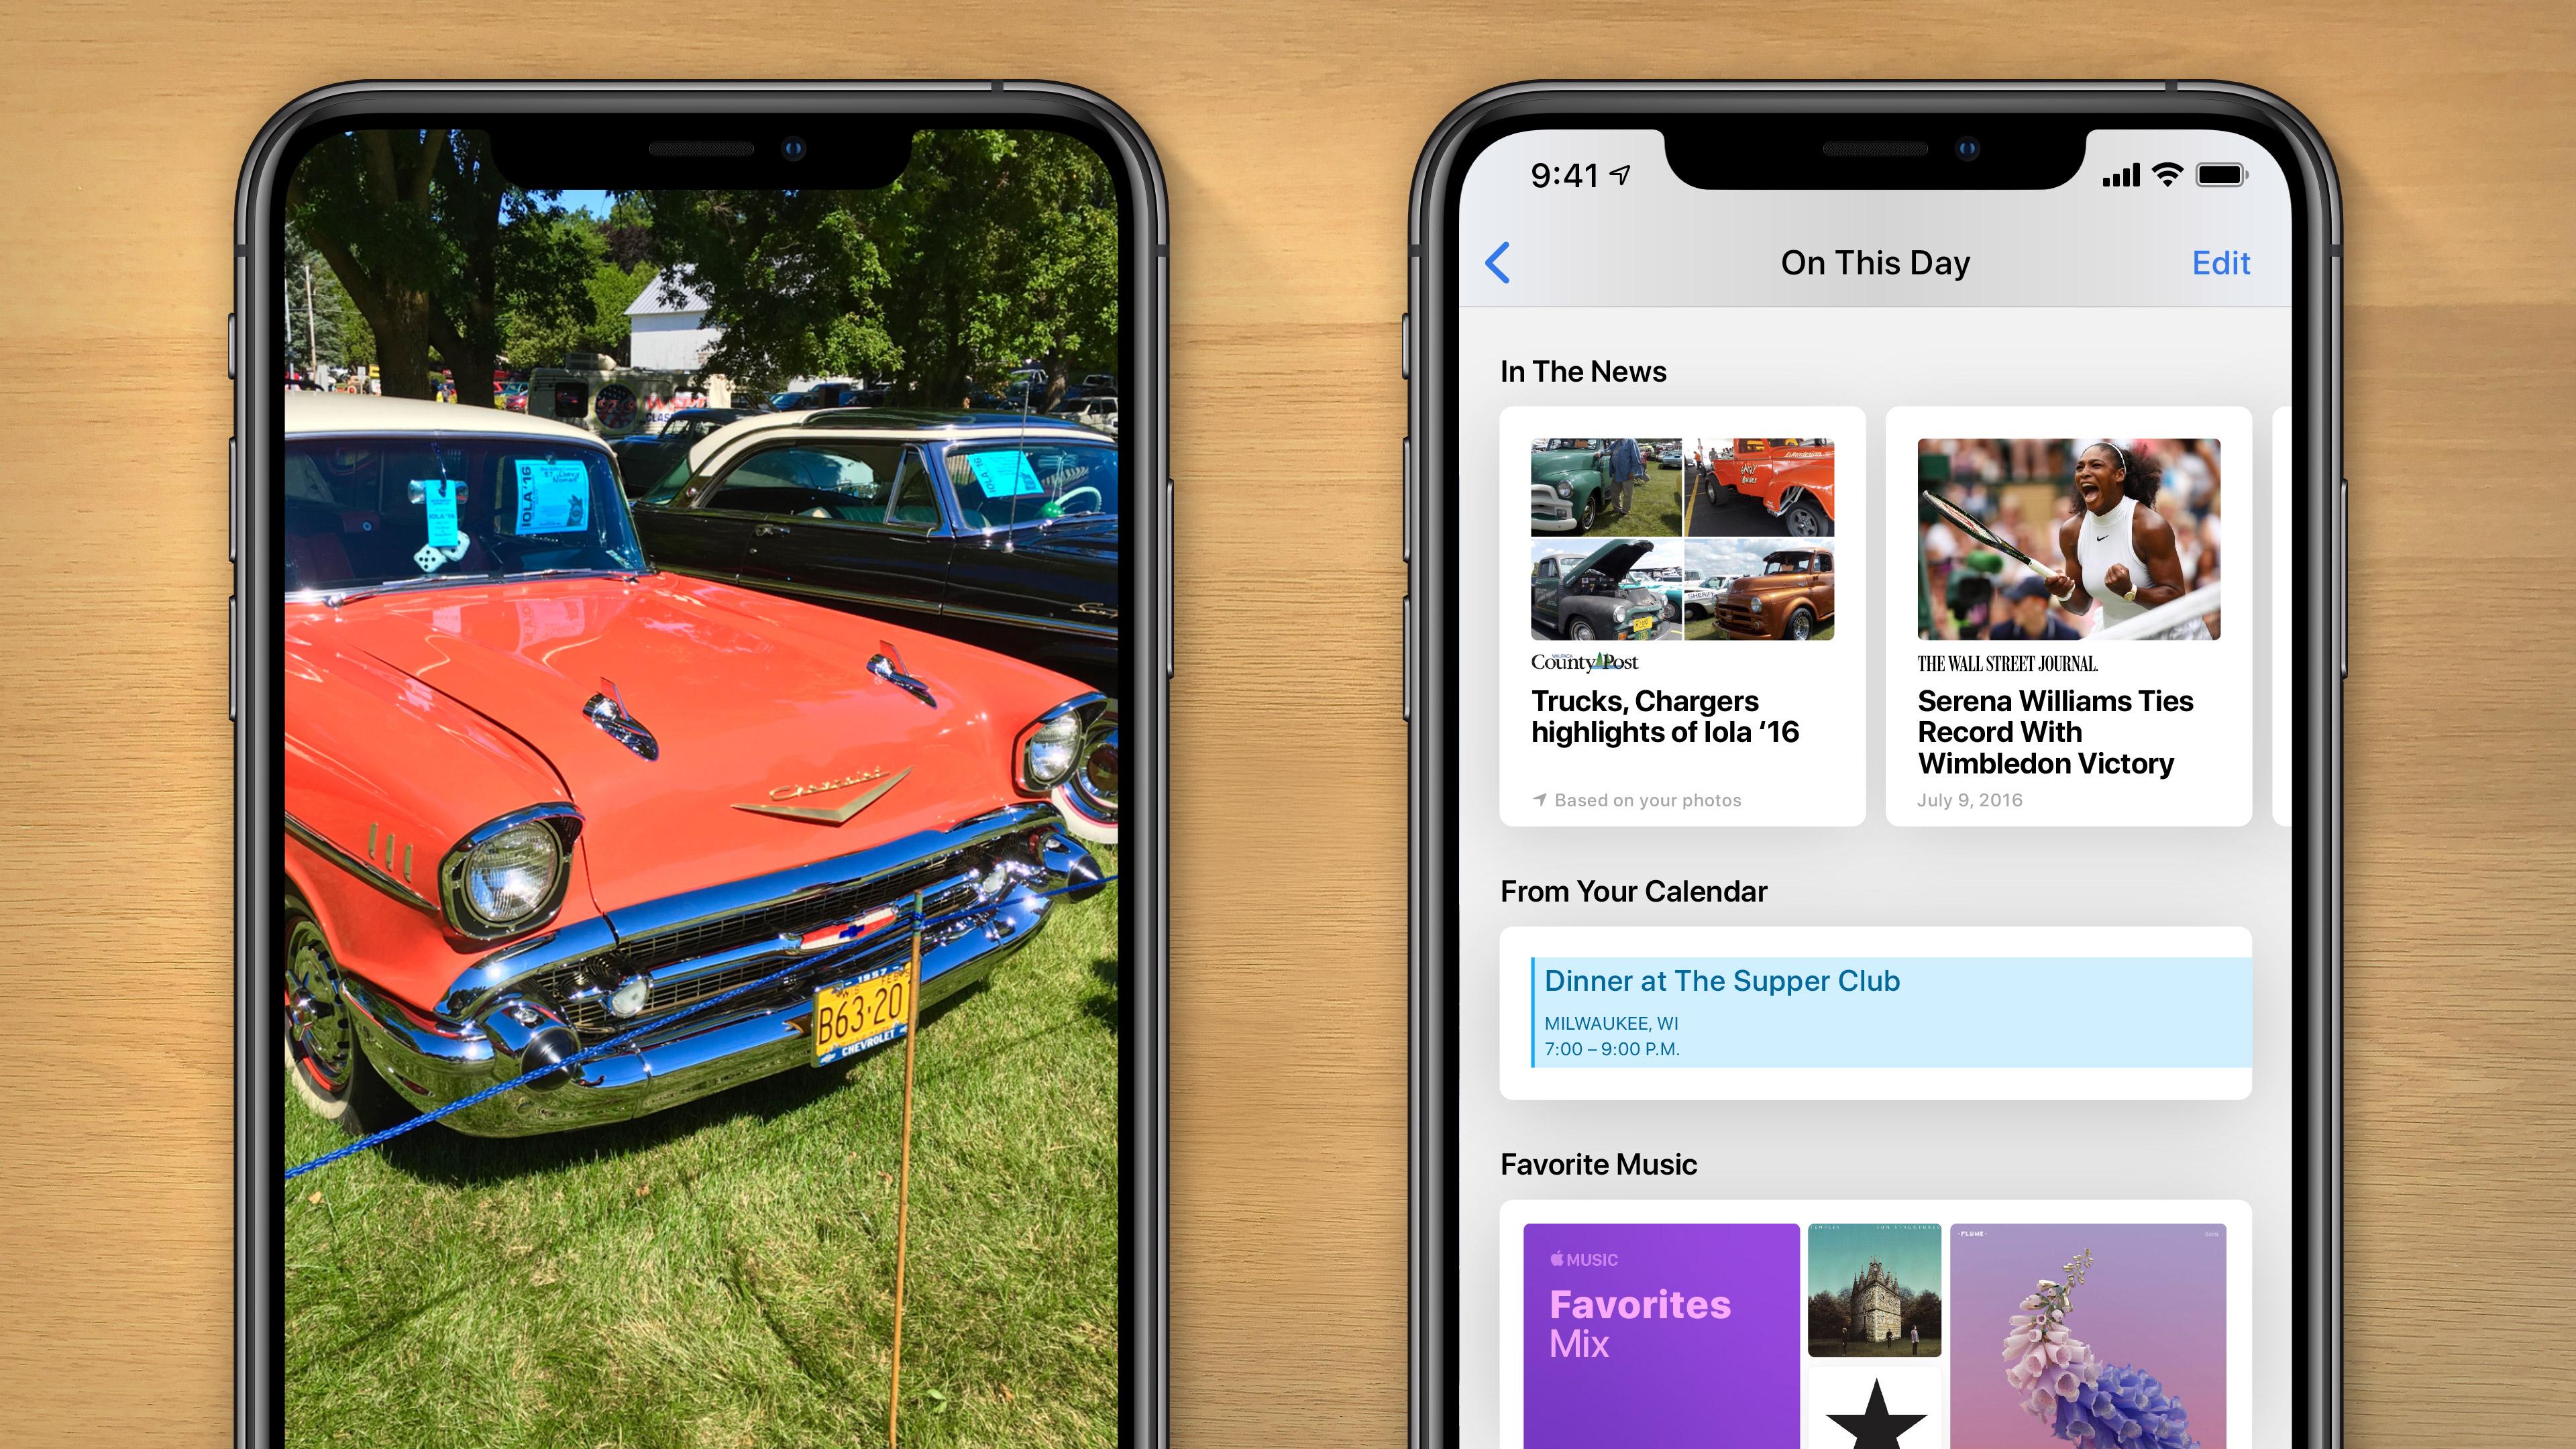 Reimagining the Photos app